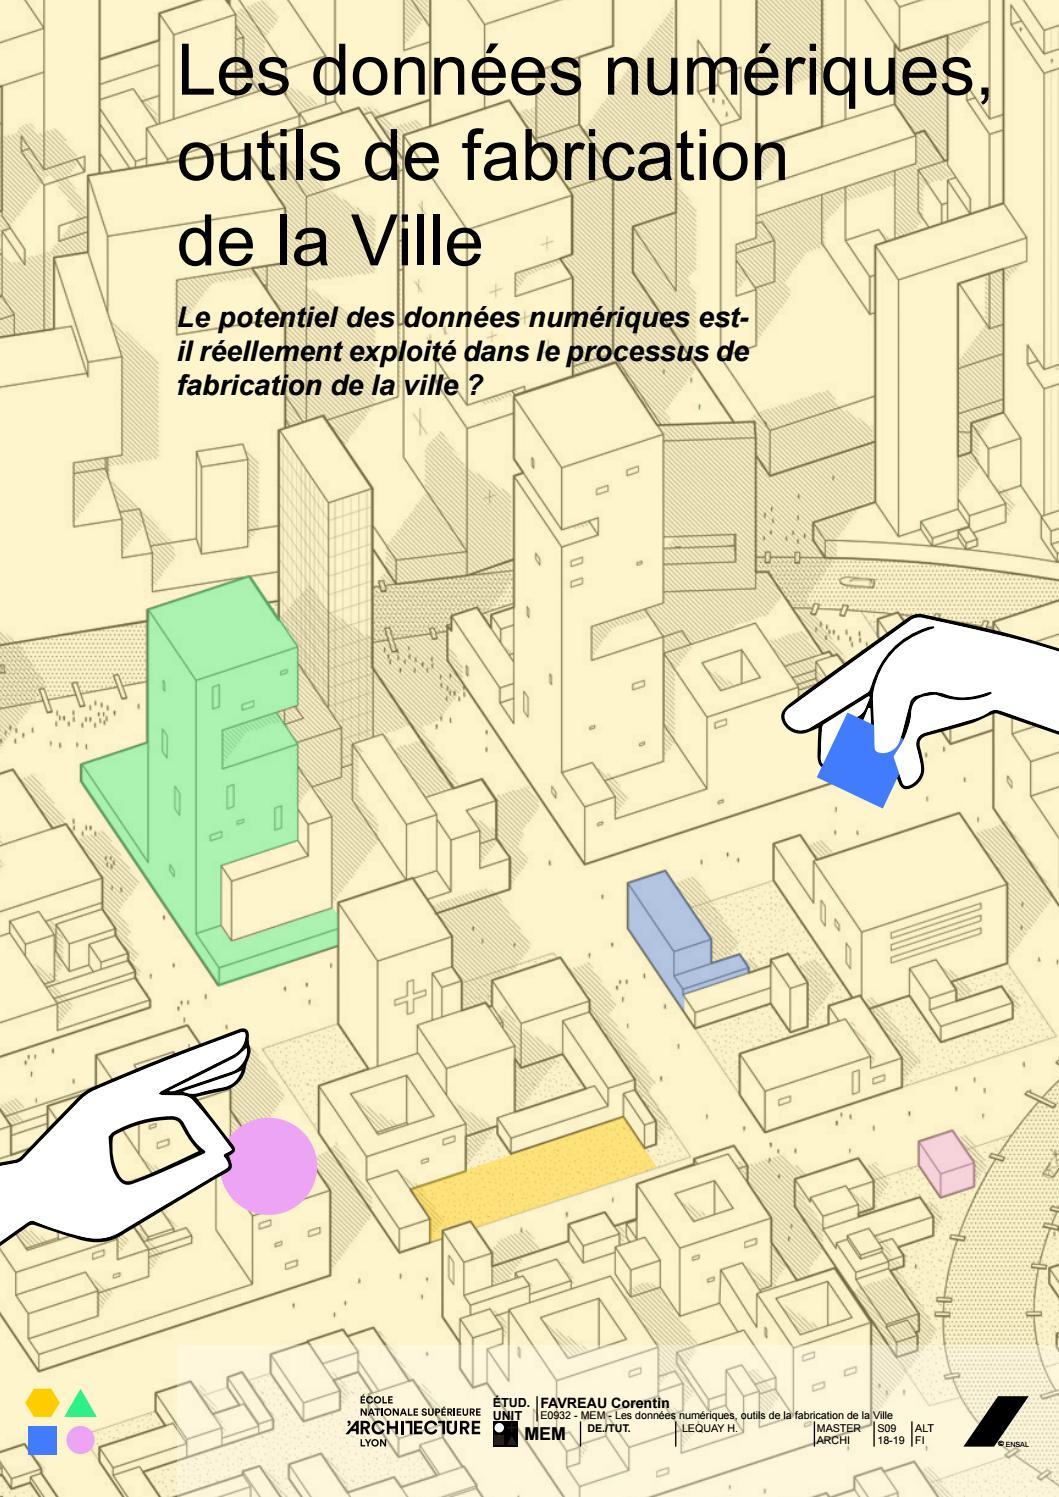 fabriquer un dos num rique Les données numériques, outils de fabrication de la Ville by Corentin  Favreau - issuu